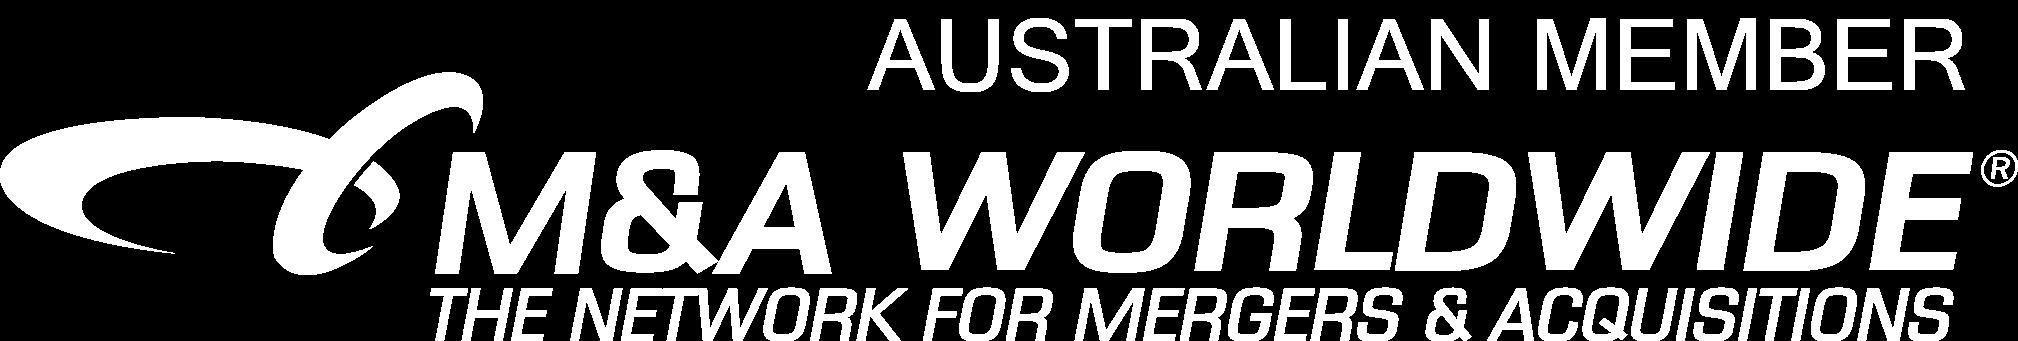 Logo-Worldwide-Member_reversed1